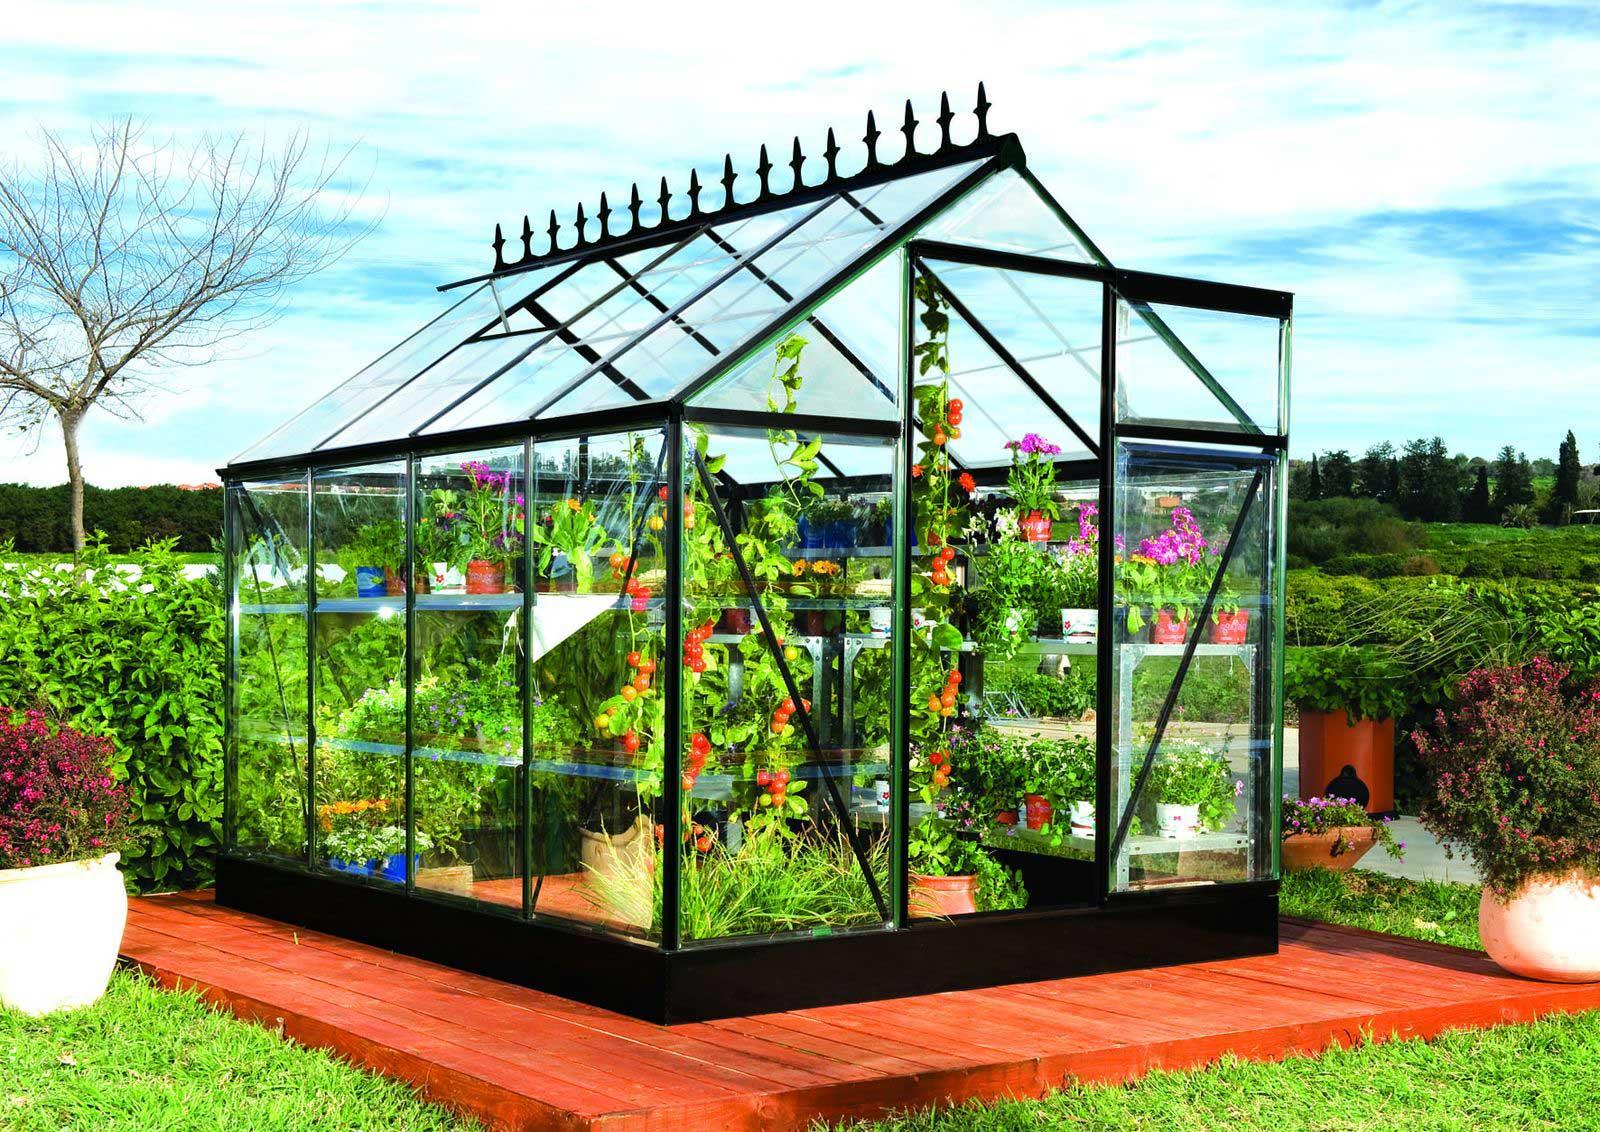 Bons Plans Jardinage: Profitez D'une Serre De Jardin Pas ... à Serre De Jardin Pas Chere